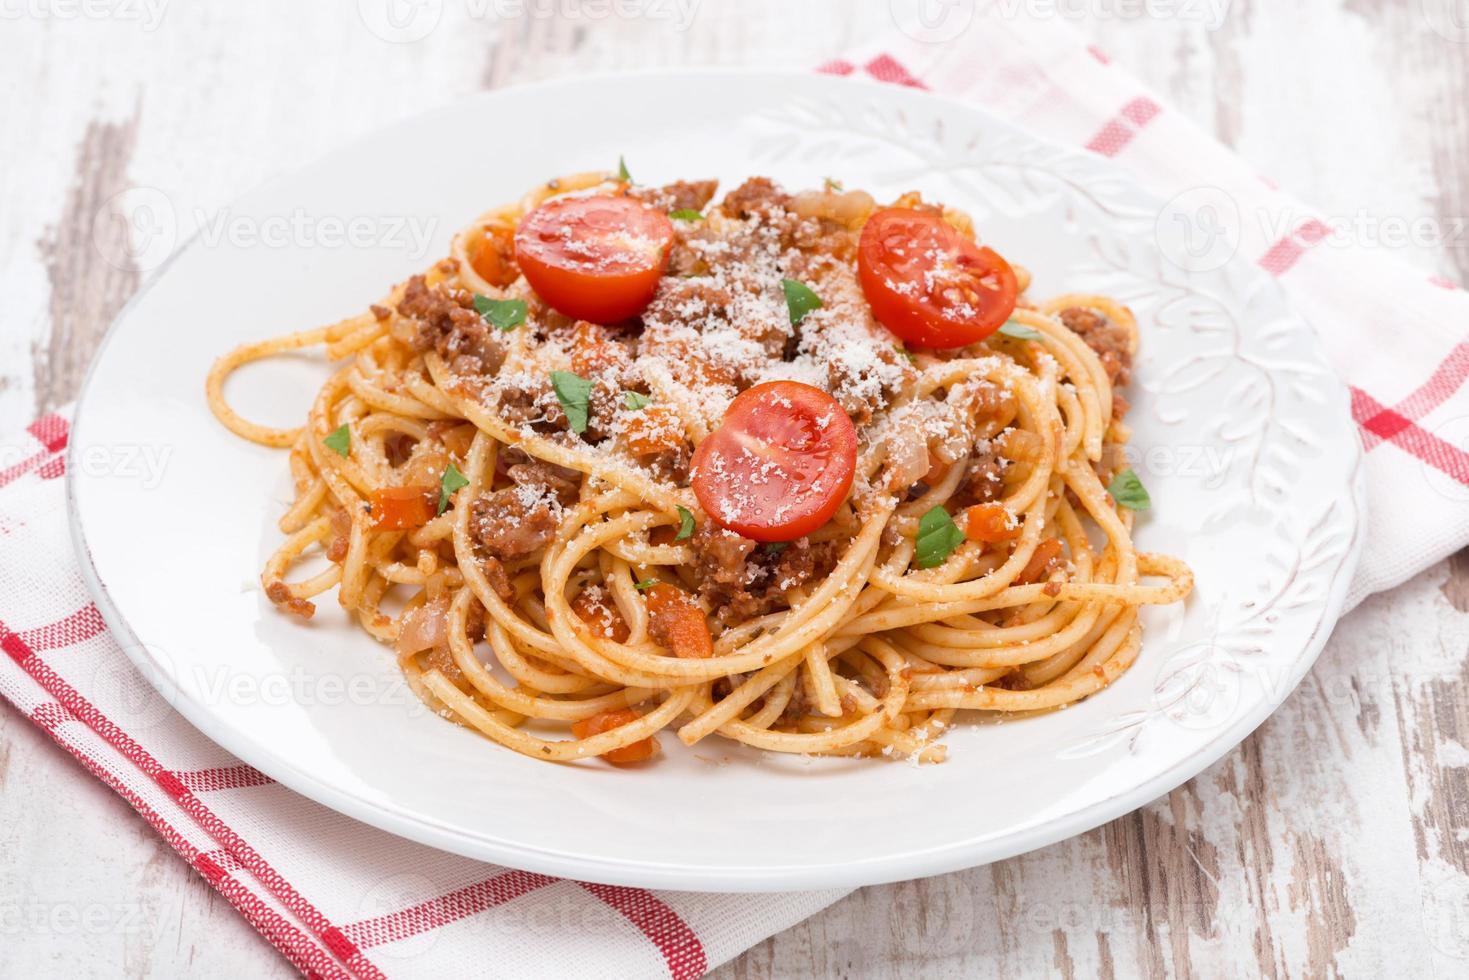 pasta italiana - spaghetti alla bolognese foto